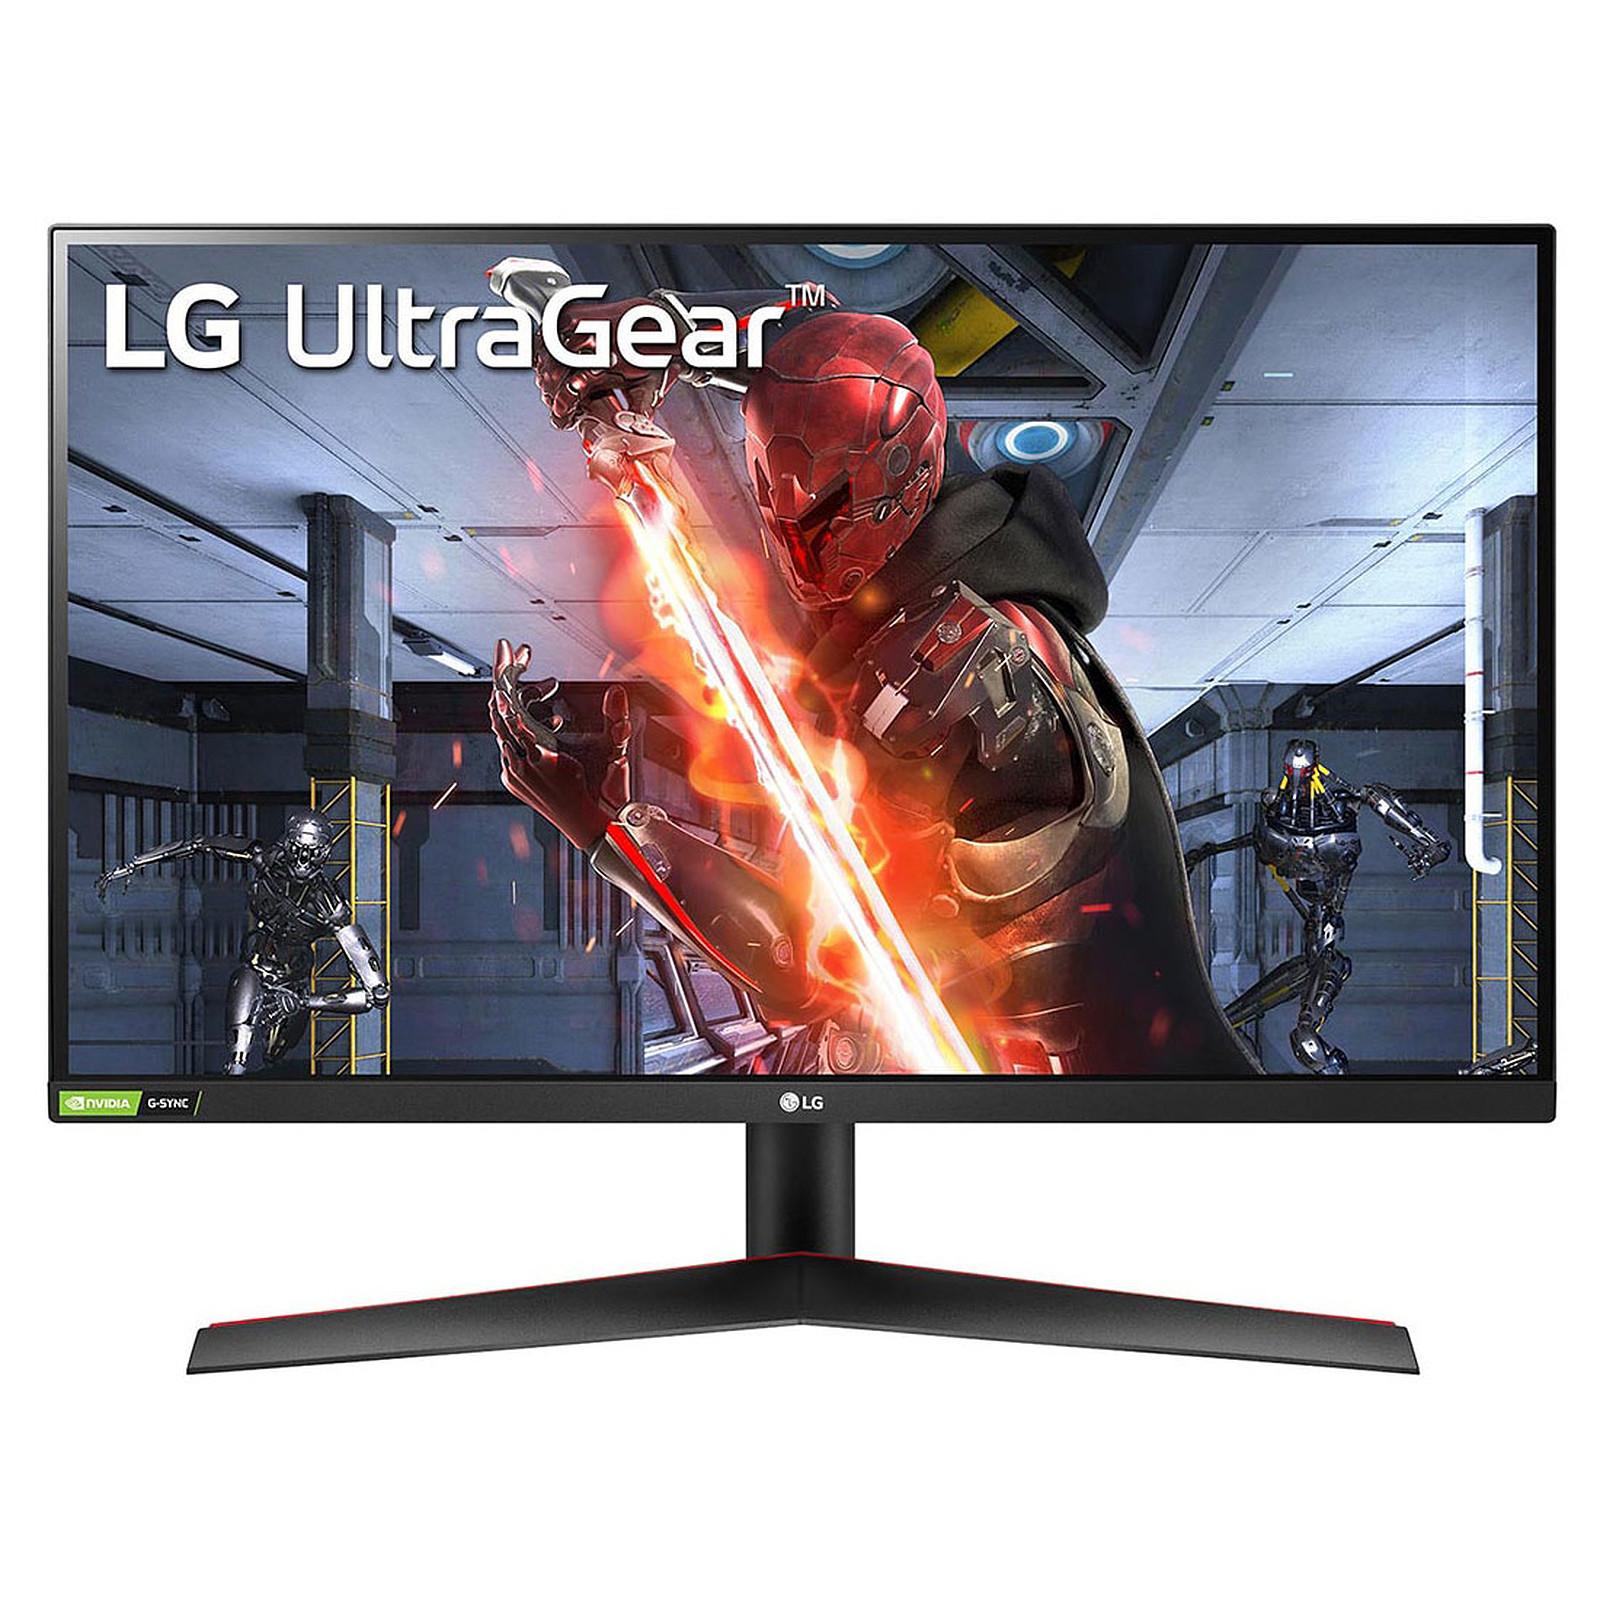 LG UltraGear 27GN800-B (QHD, IPS, 144hz)